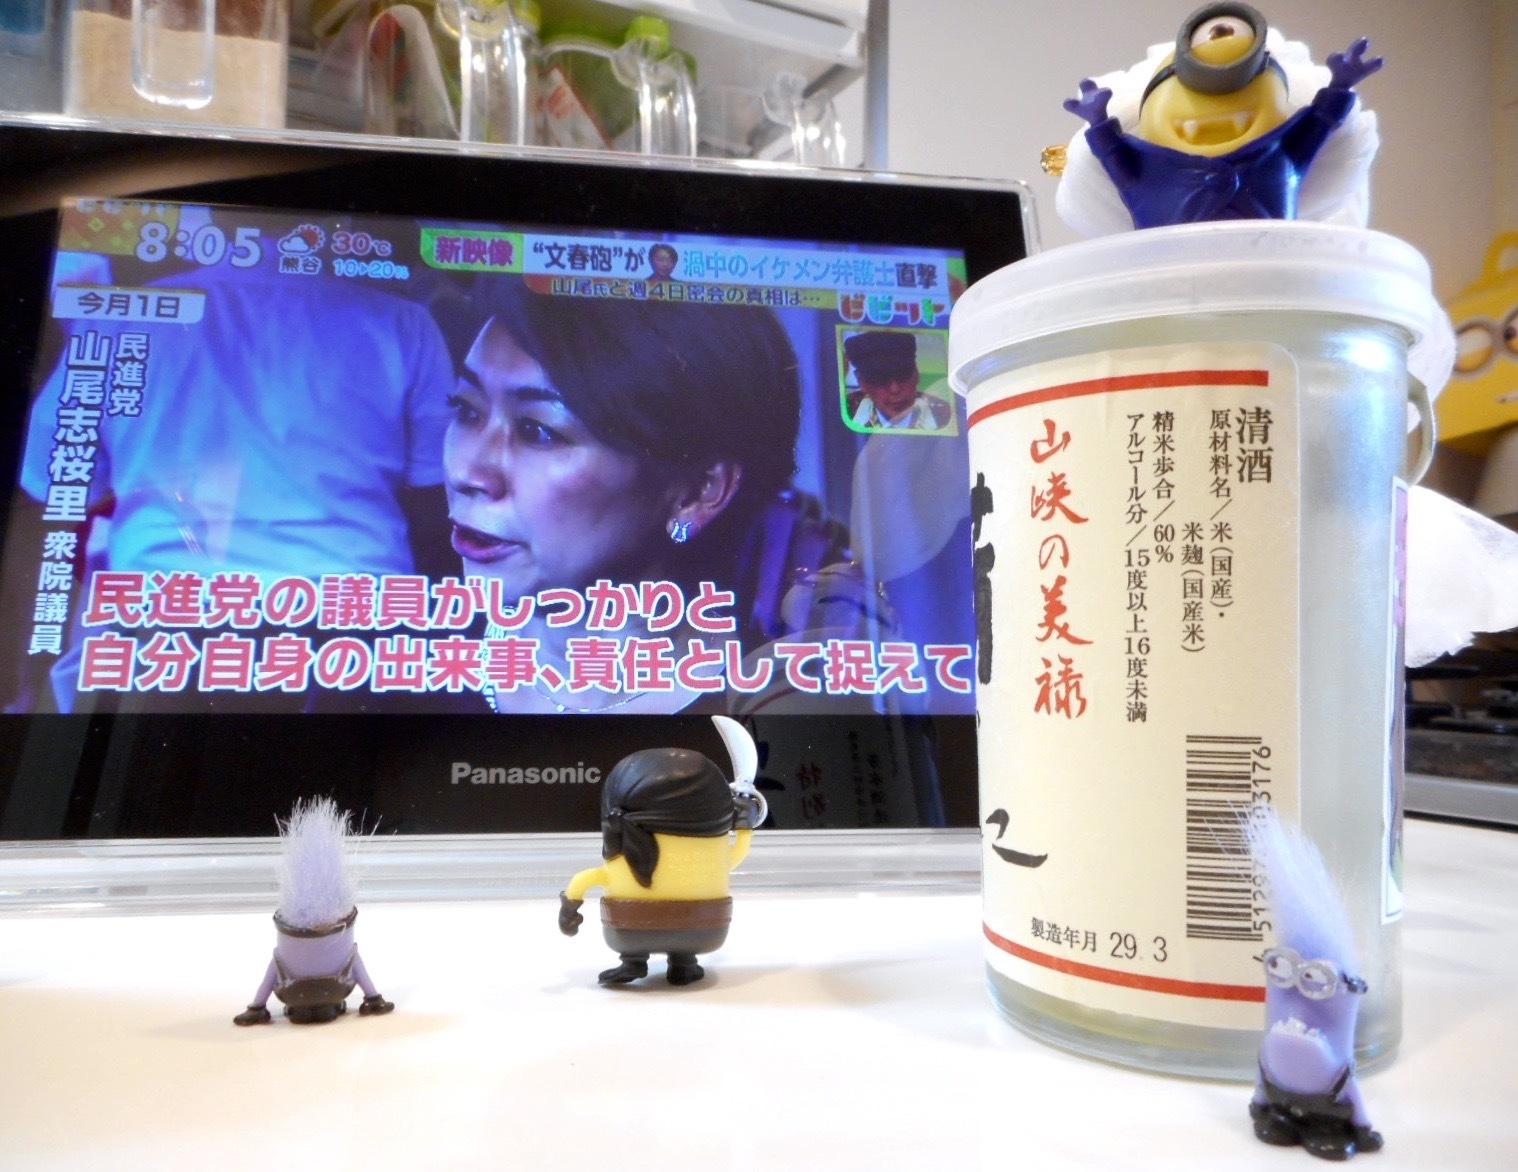 housui_cup29_3_2.jpg